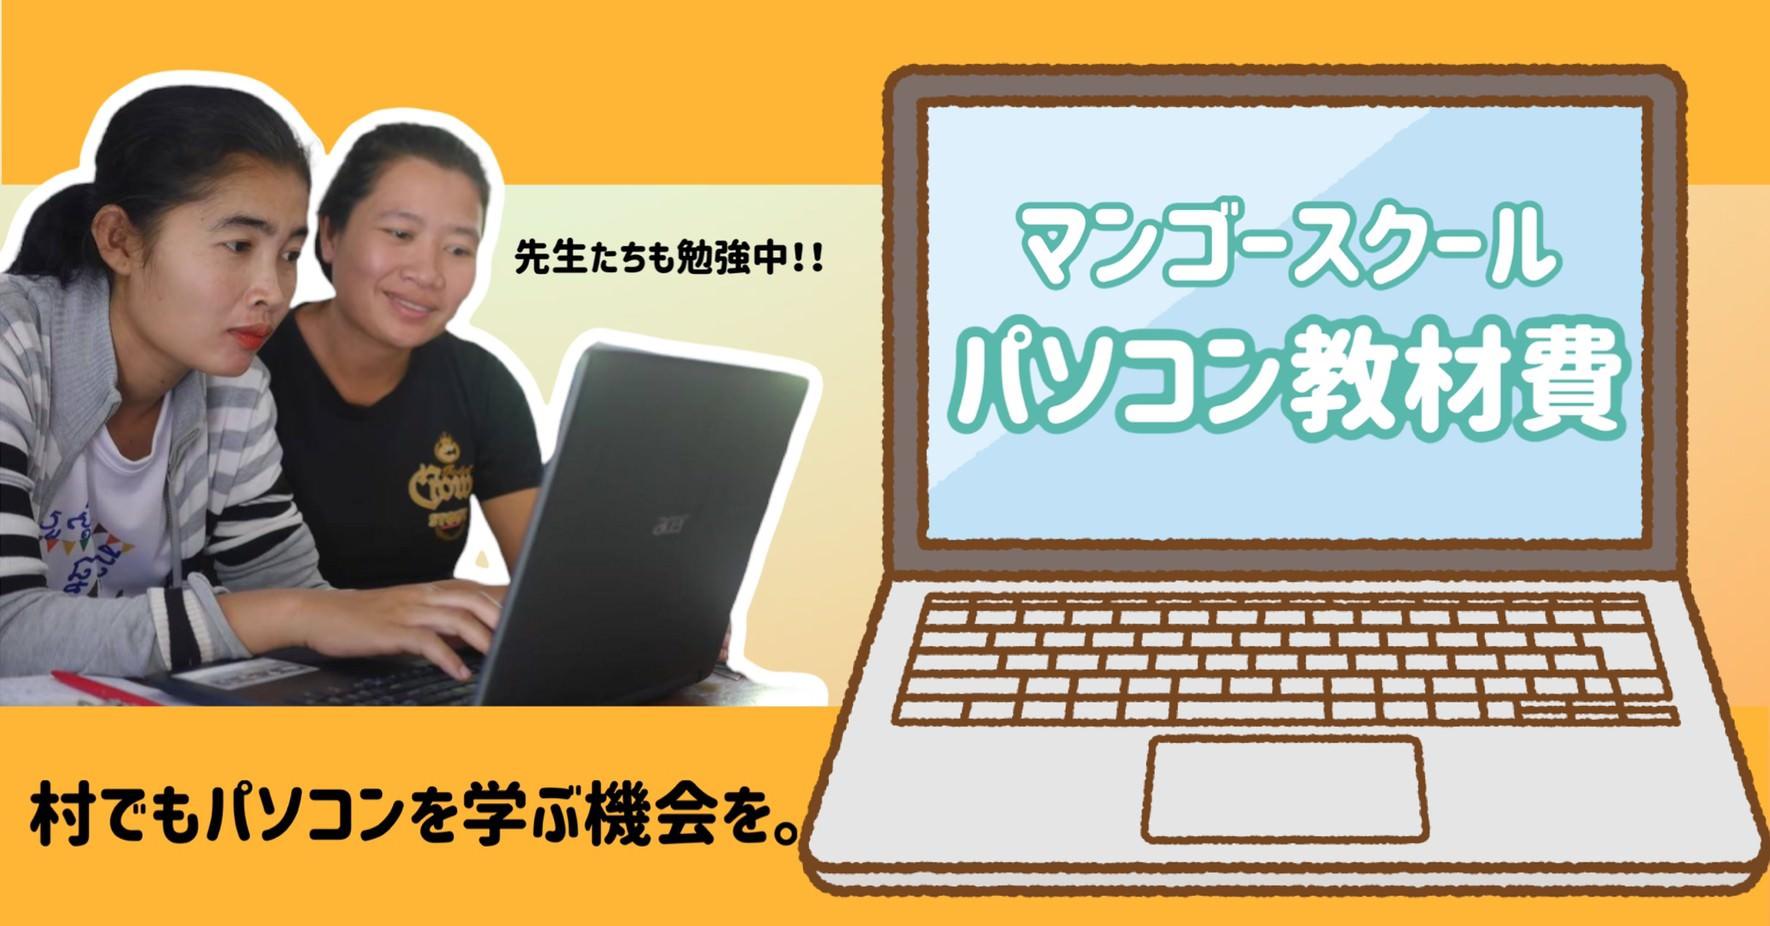 スポット 単発20,000円 × 5名[マンゴースクール]パソコン教材費 50人分